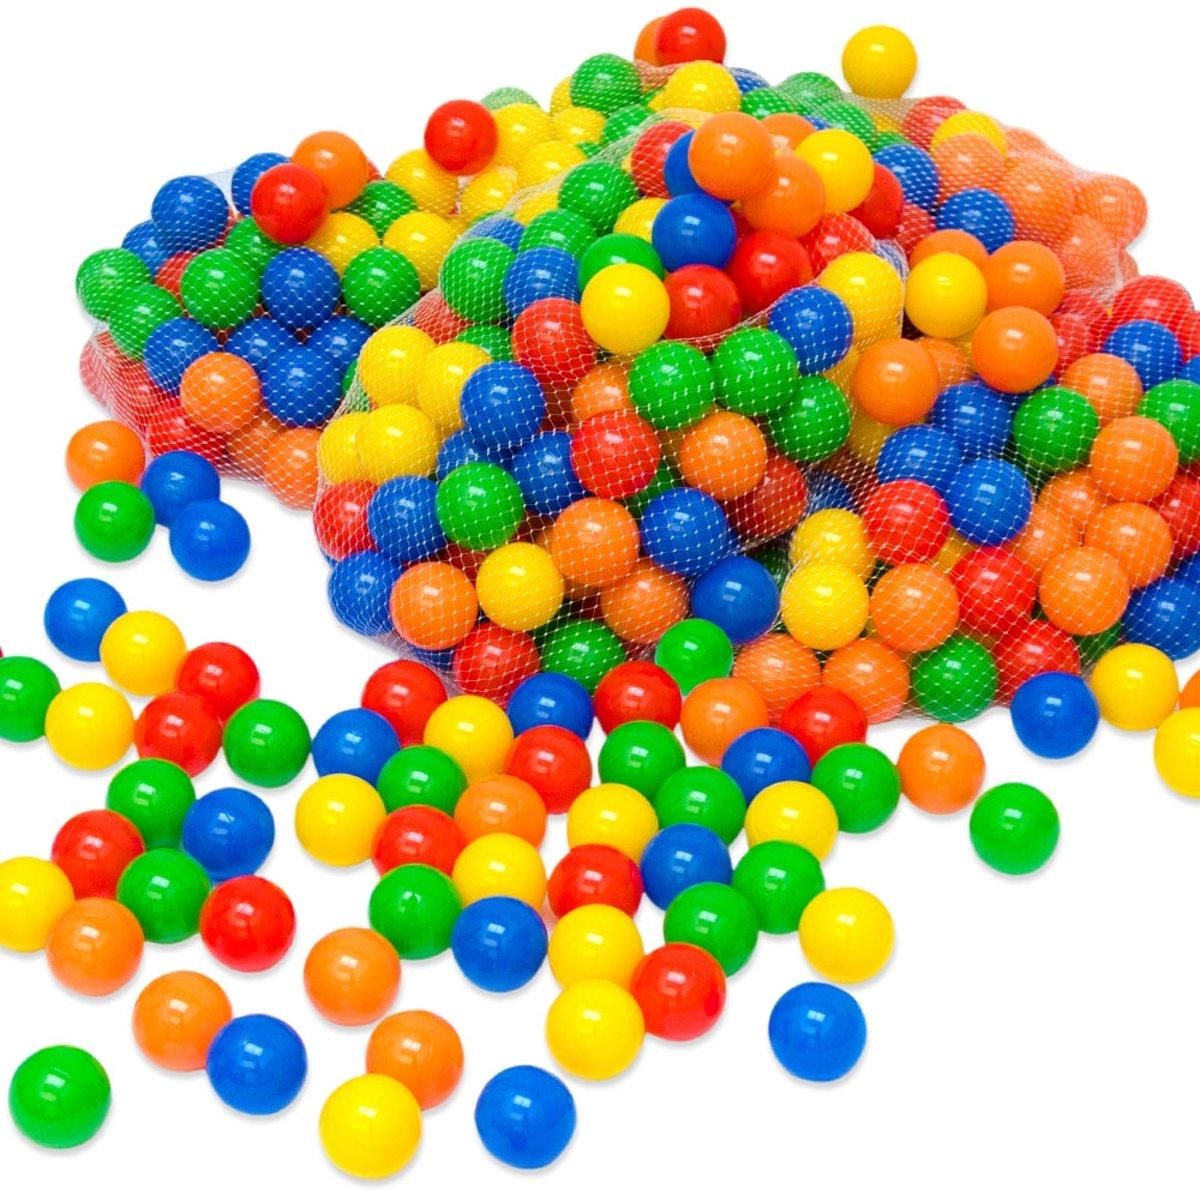 250 Kleurrijke ballenbadballen 5,5cm   plastic ballen kinderballen babyballen   kinderen baby puppy